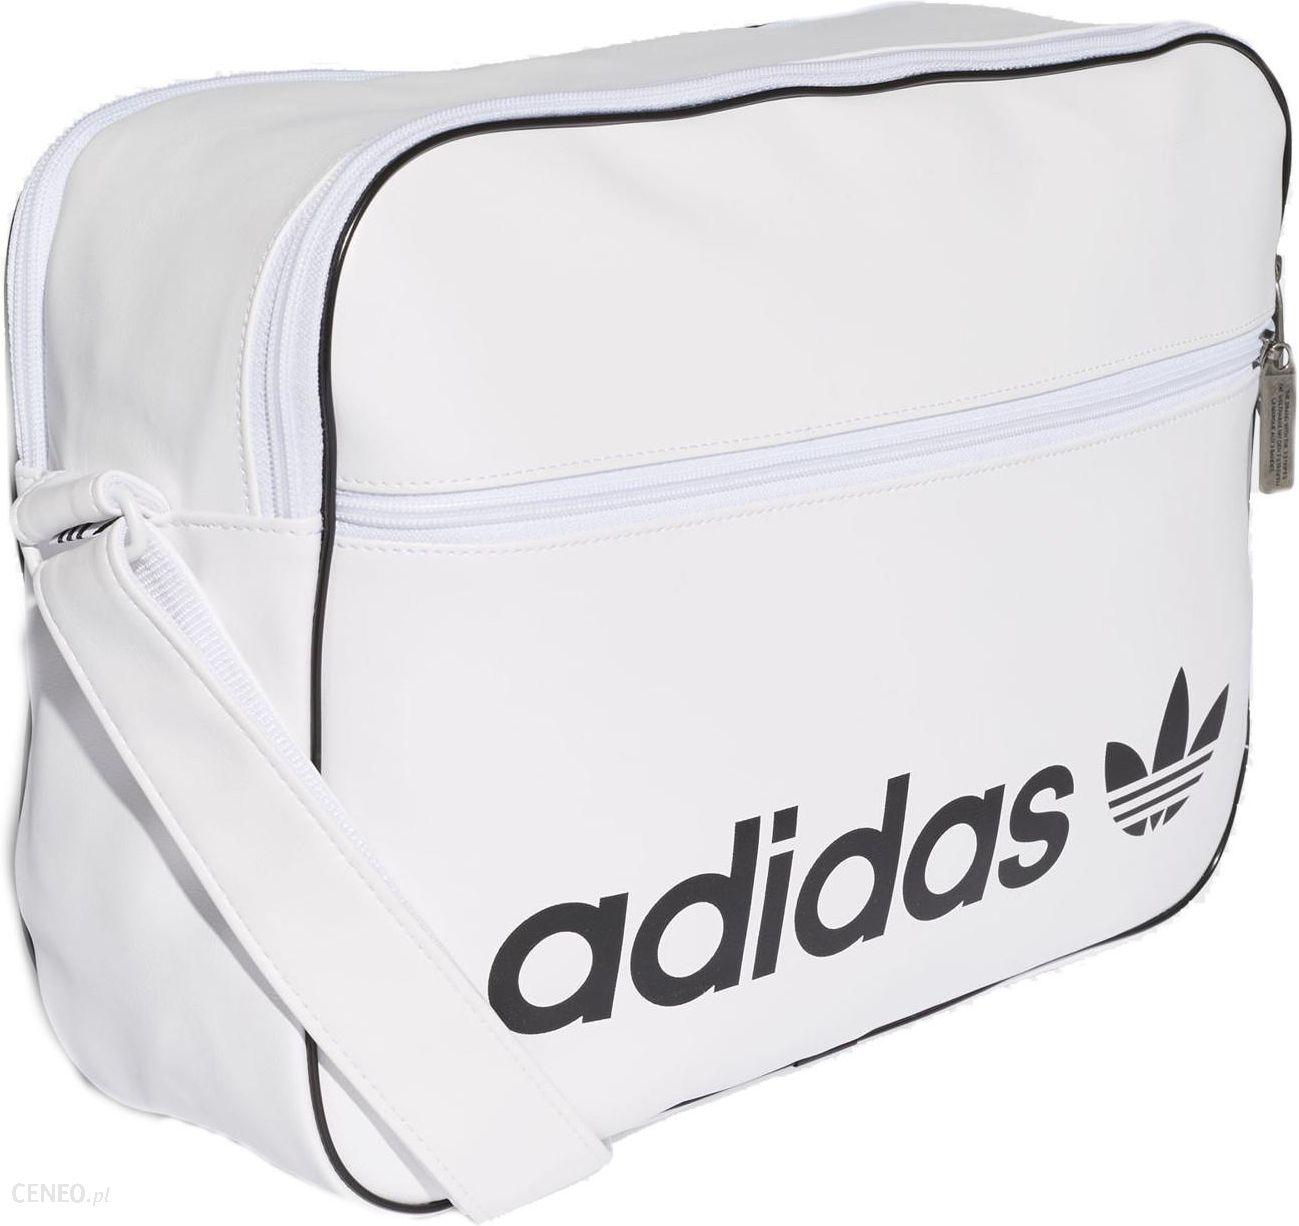 e8f785fdfdaa8 Adidas Originals Torba Torebka na ramię CD6980 - Ceny i opinie ...